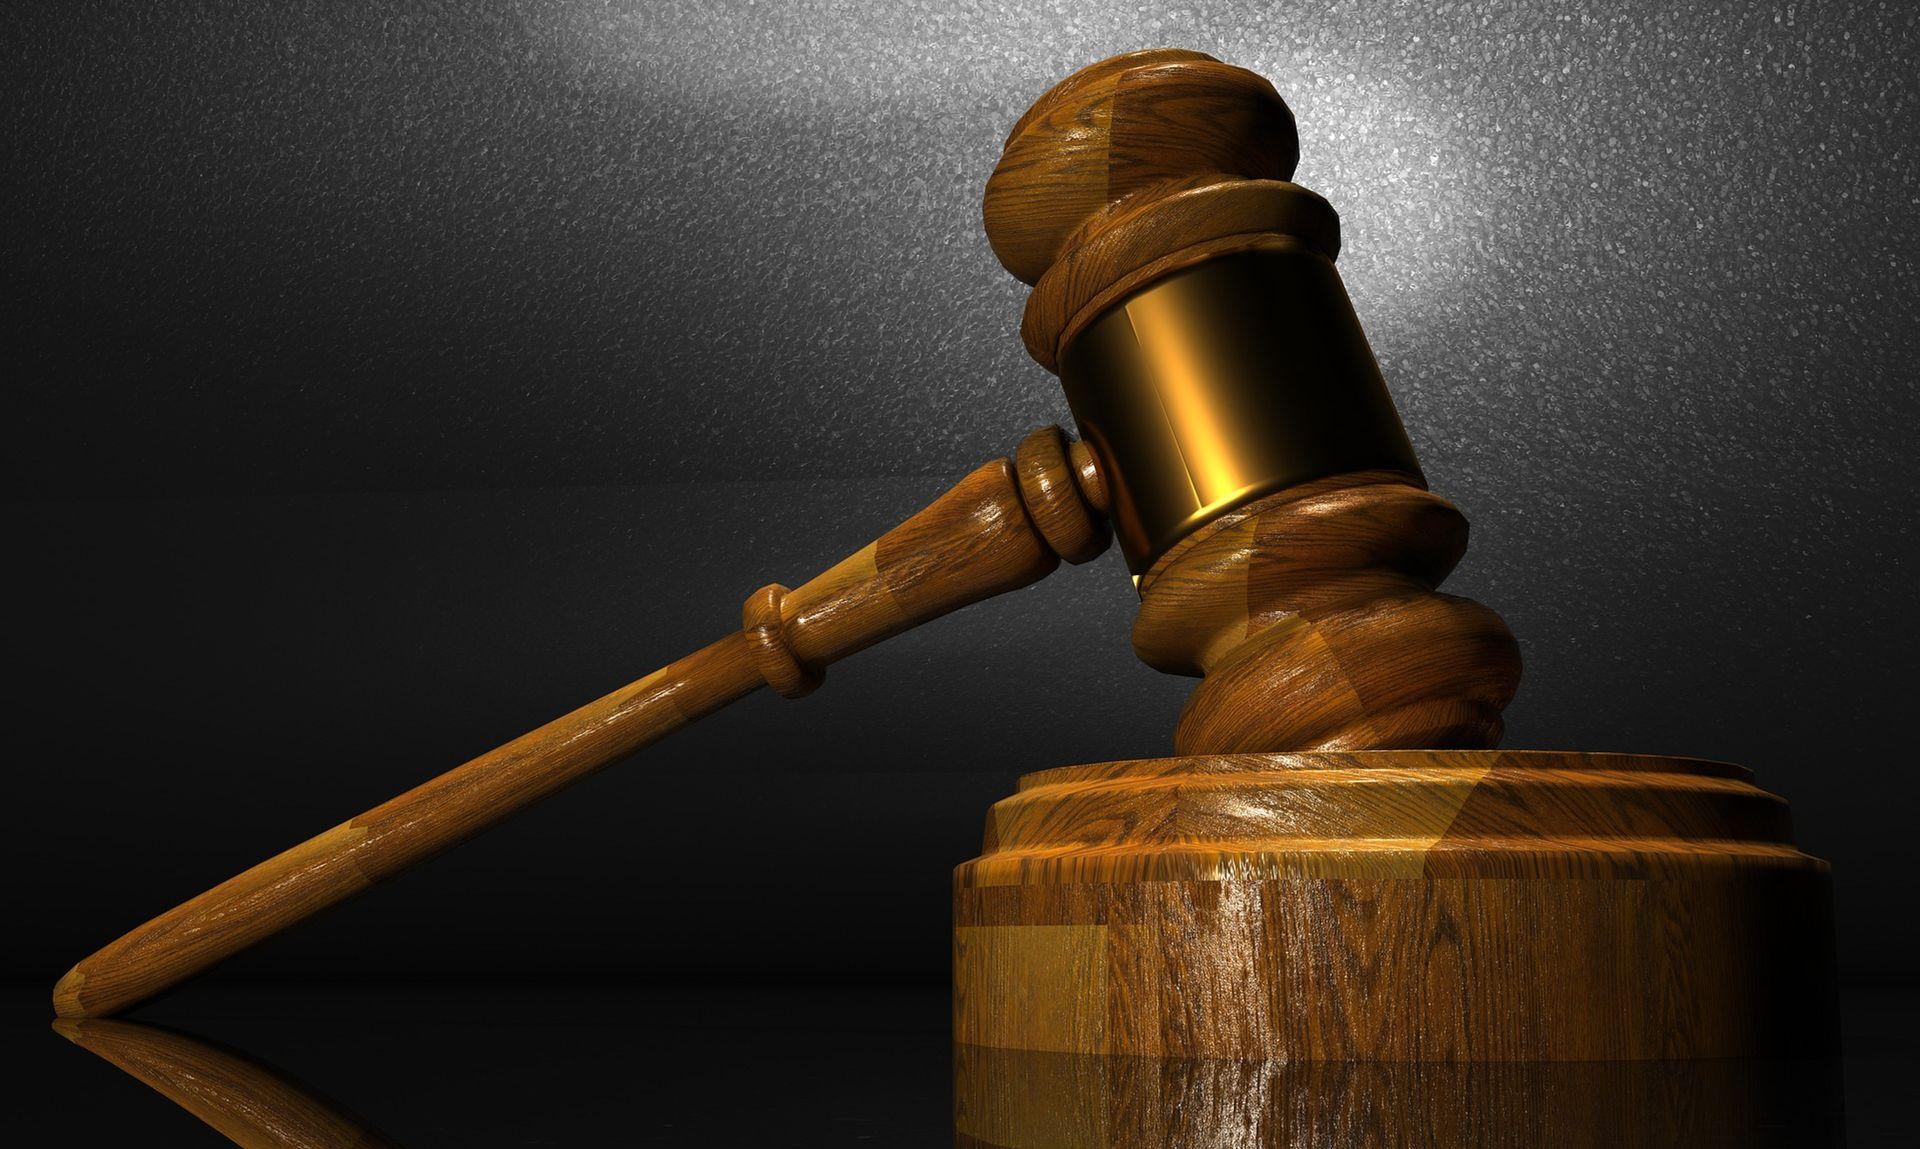 Pri kraju suđenje svećeniku za utapanje dječaka u šahtu